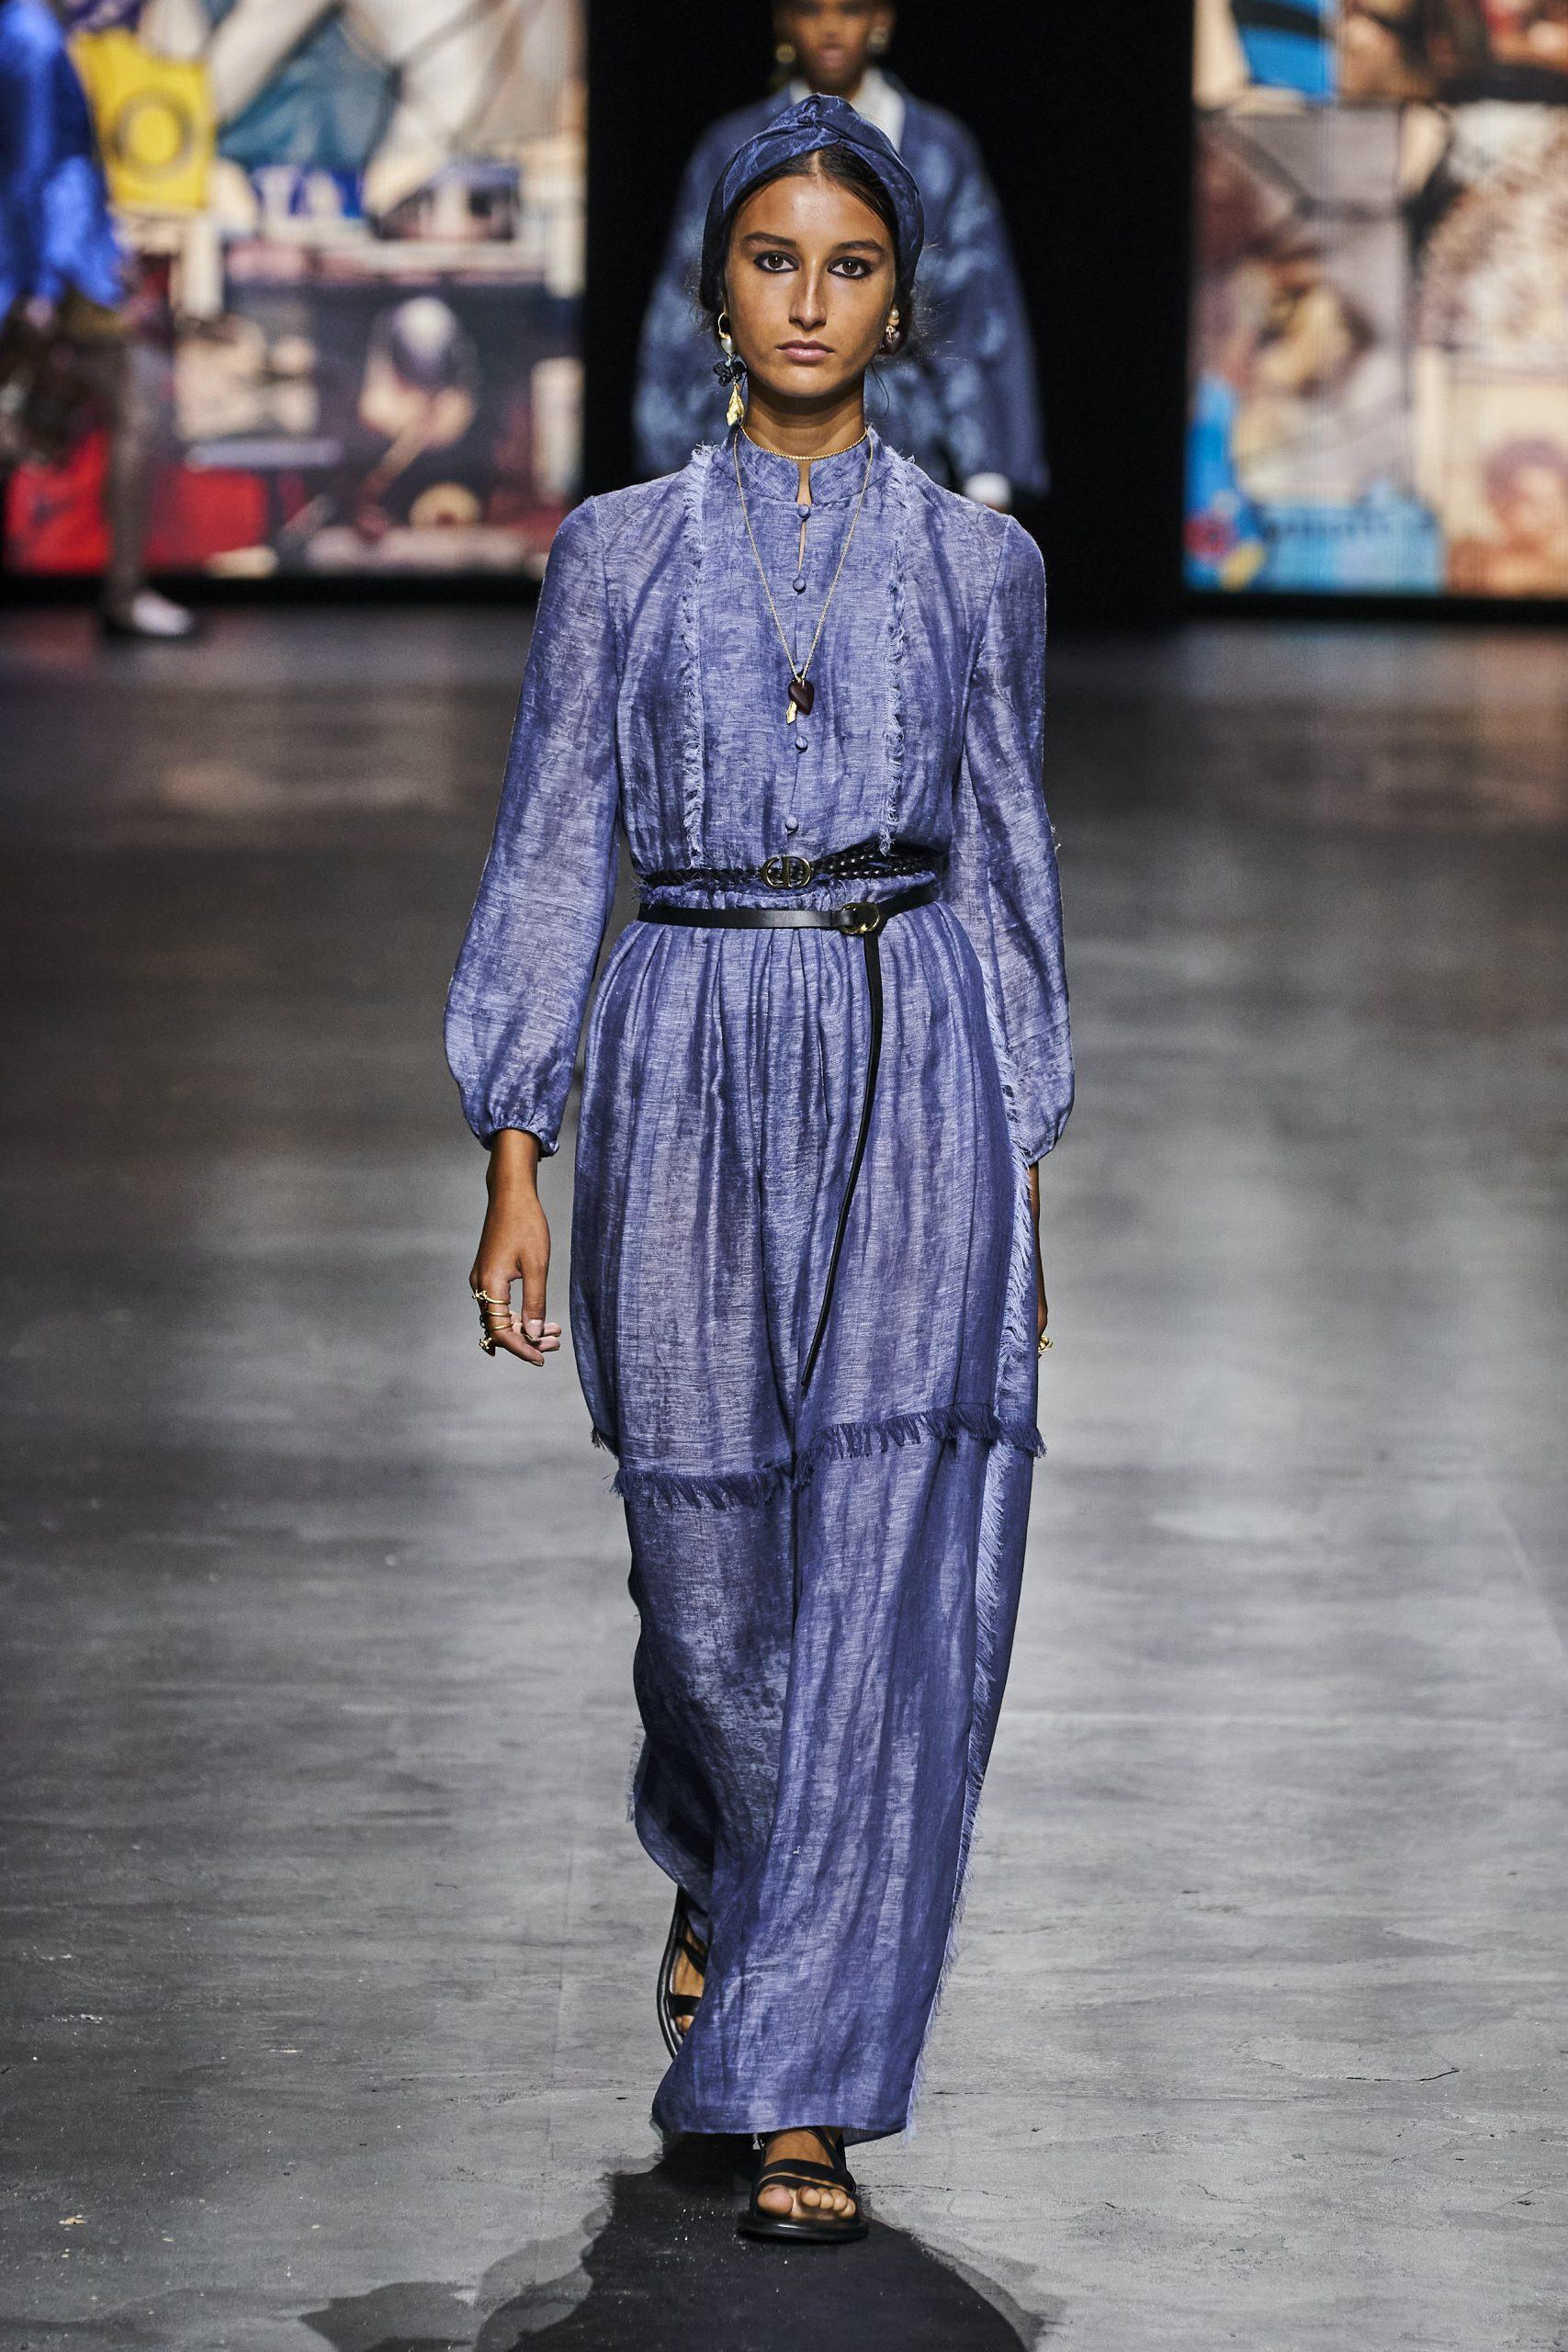 17. kép: Párizsi divathét - Christian Dior - 2021 tavasz-nyár - ready to wear